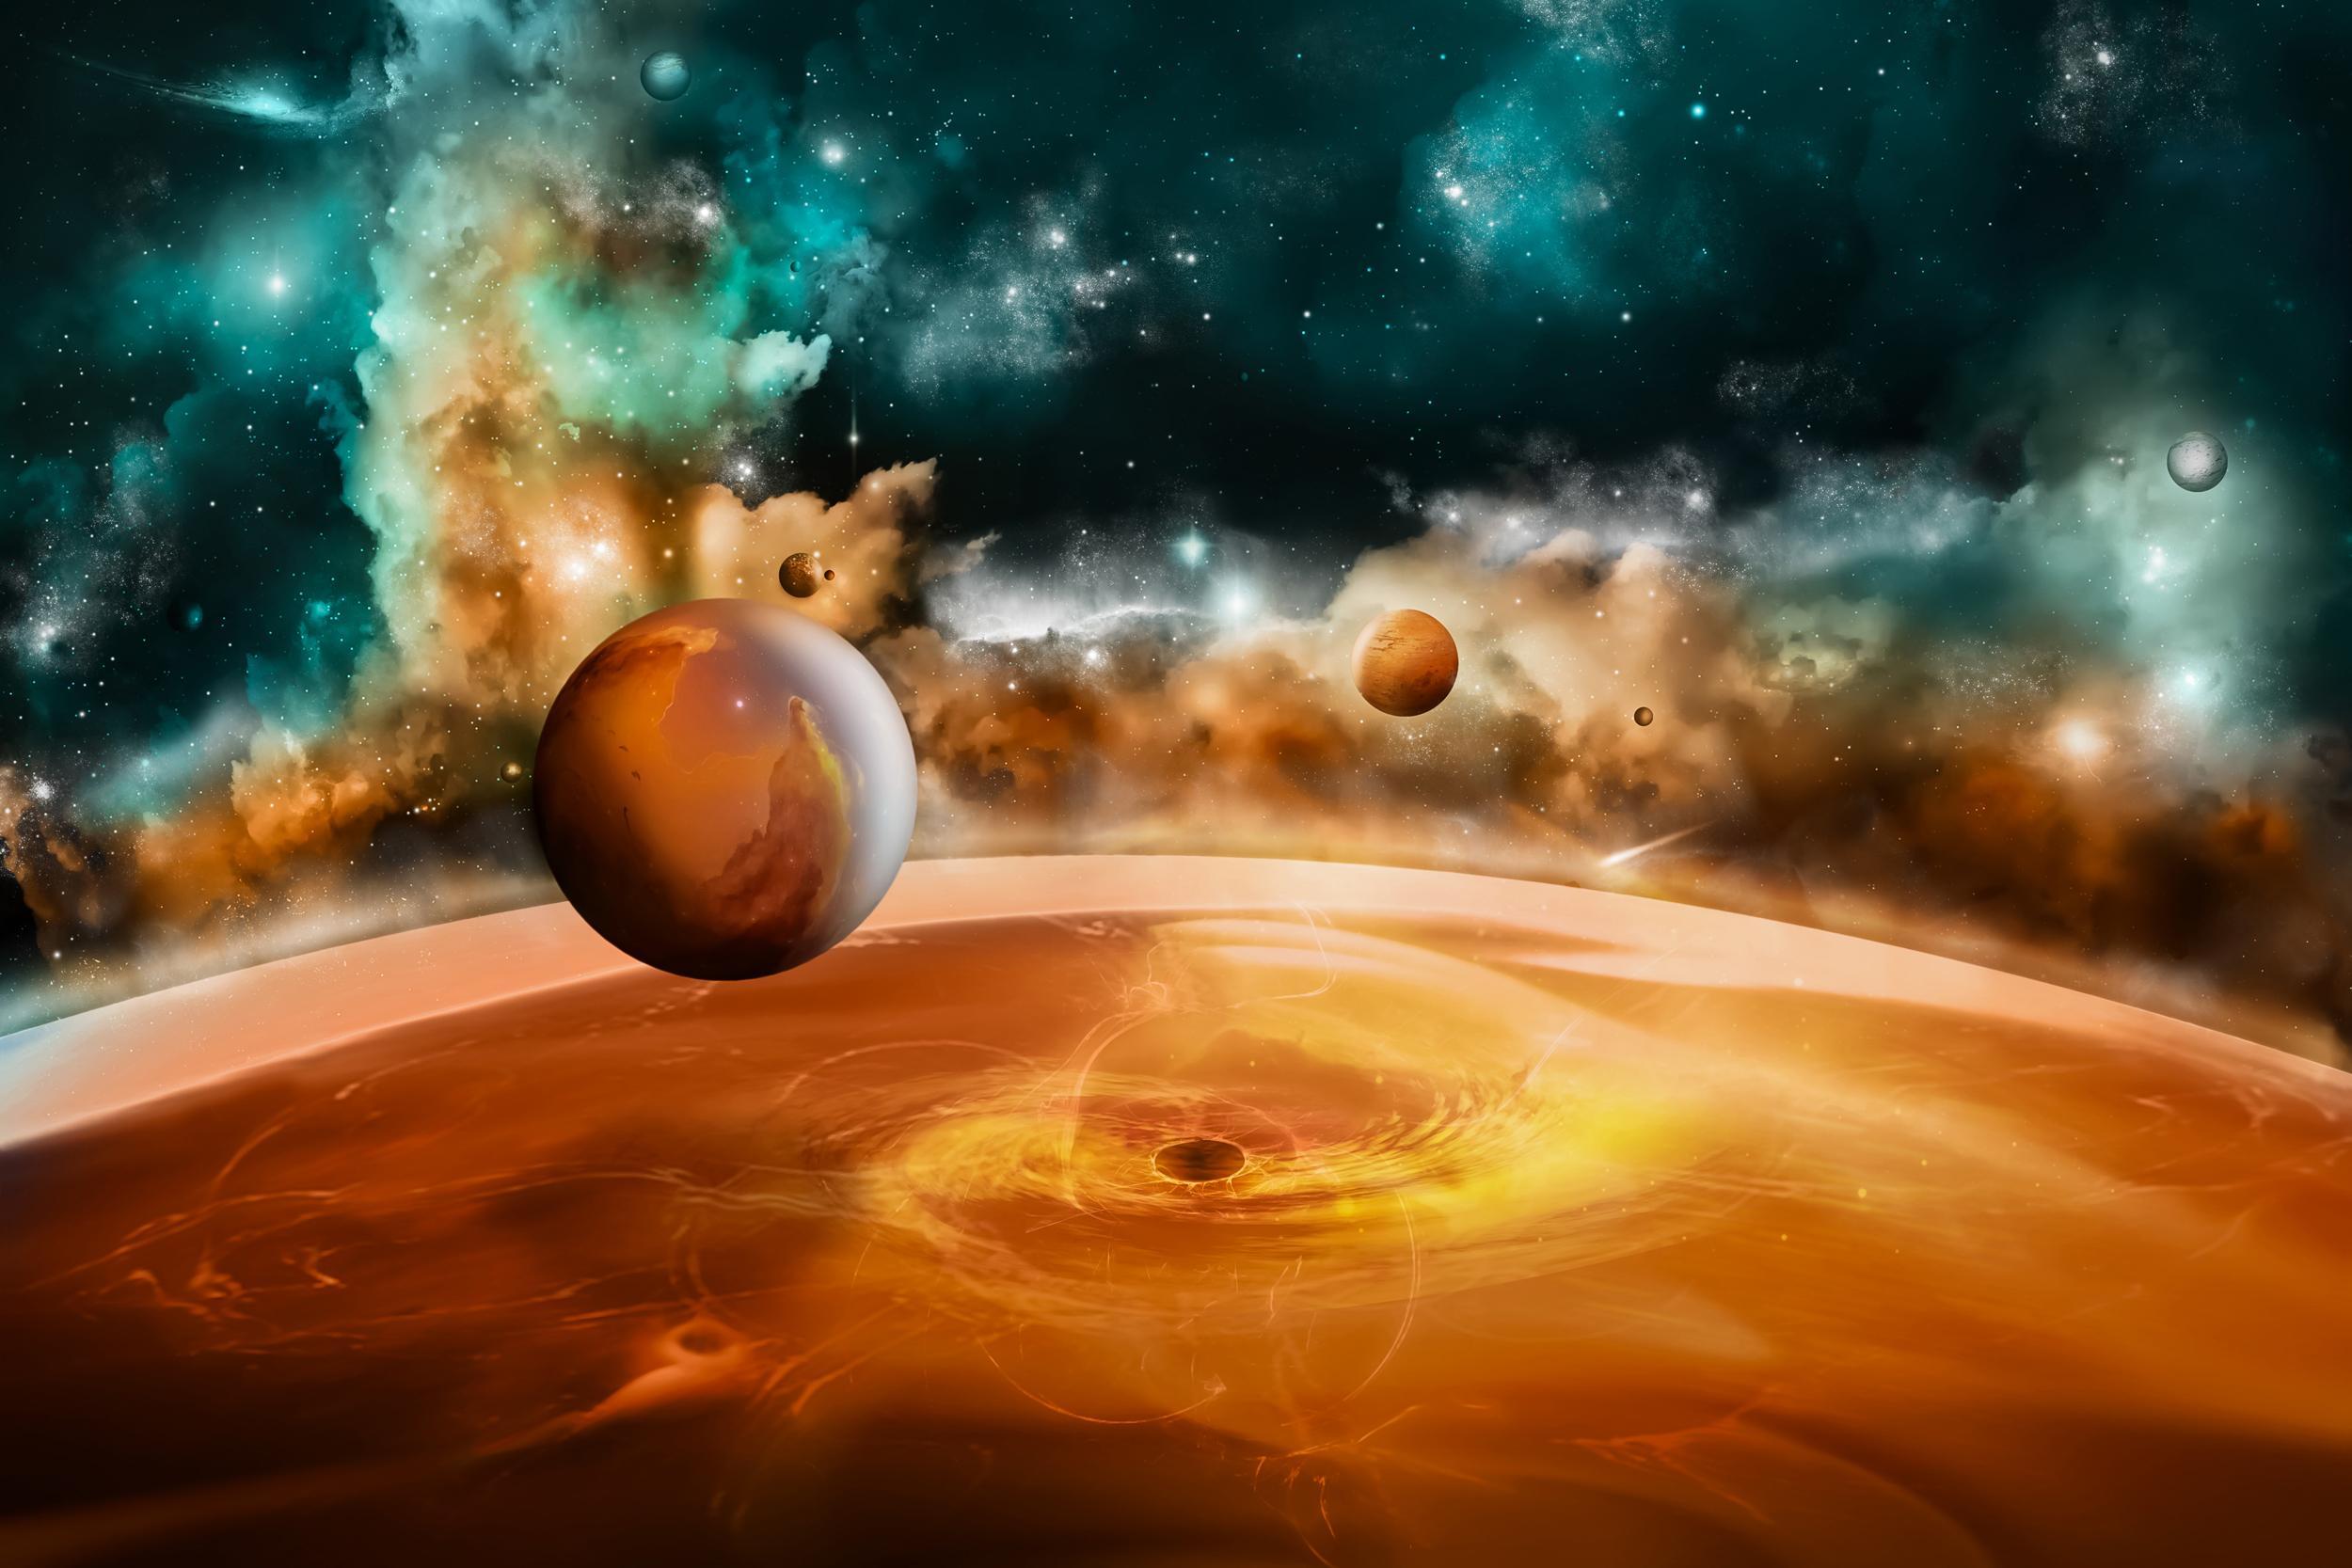 1382364 69137619 - Vědecké důkazy mimozemského života